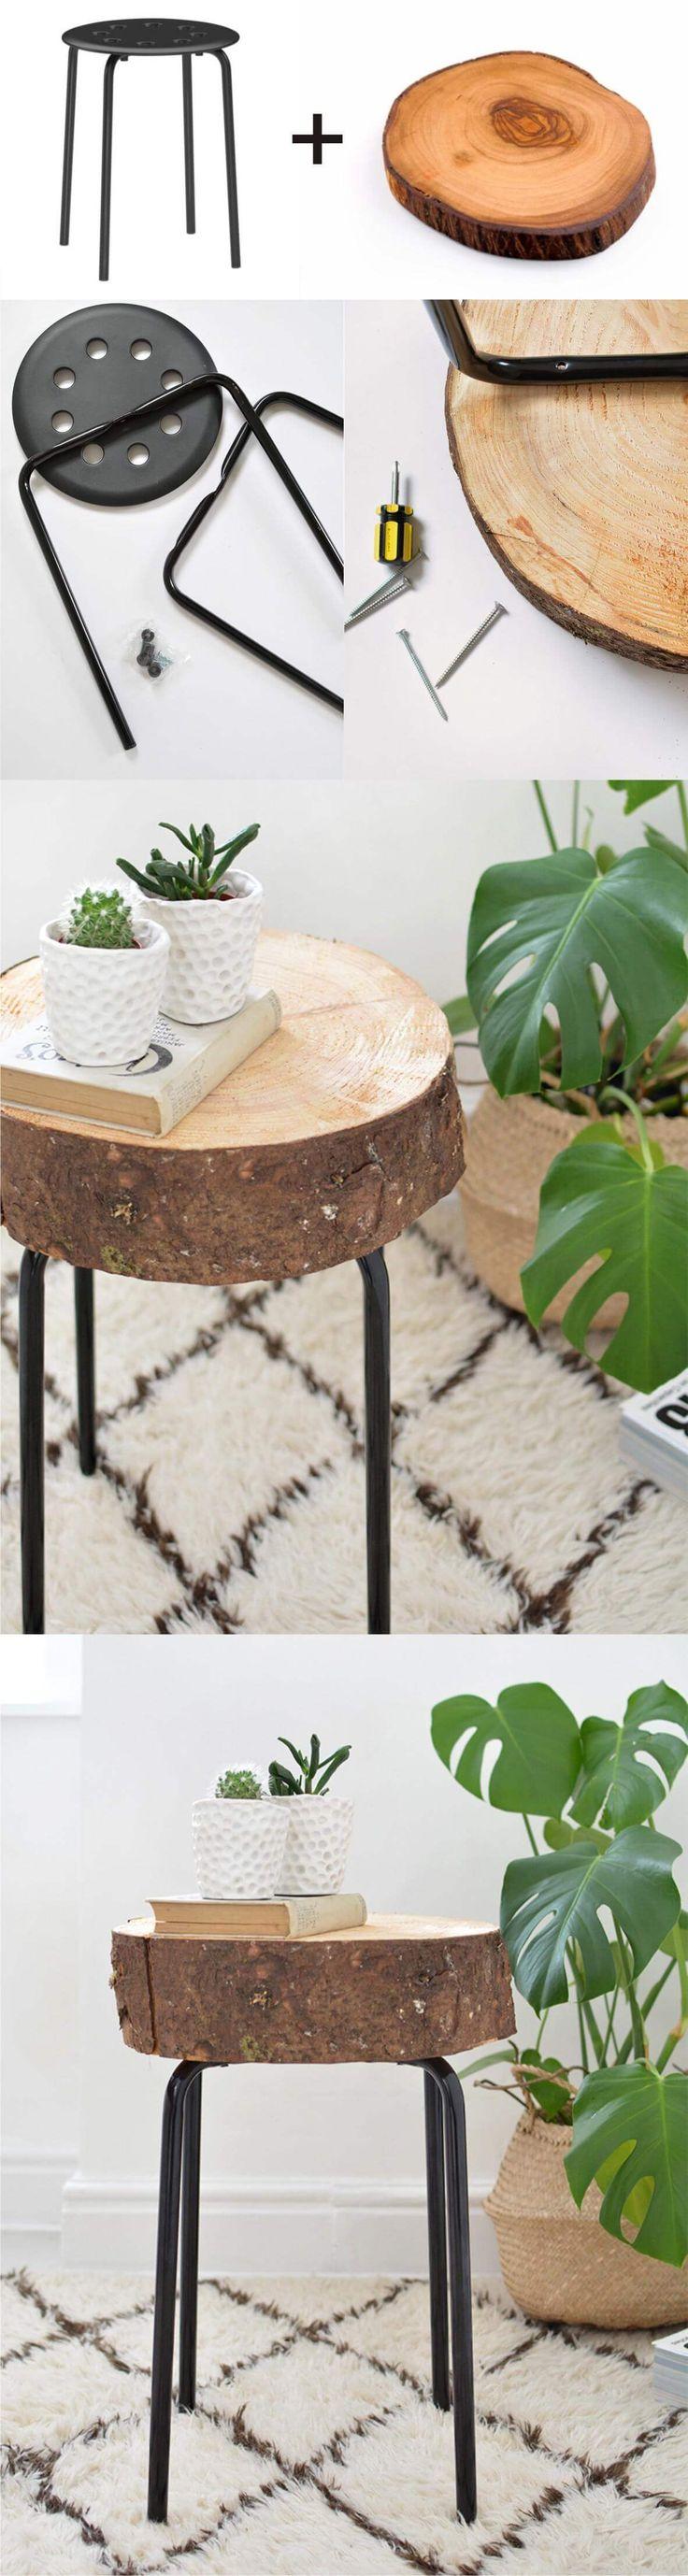 25+ DIY Beistelltisch Ideen, die Ihren Raum sofort verwandeln werden